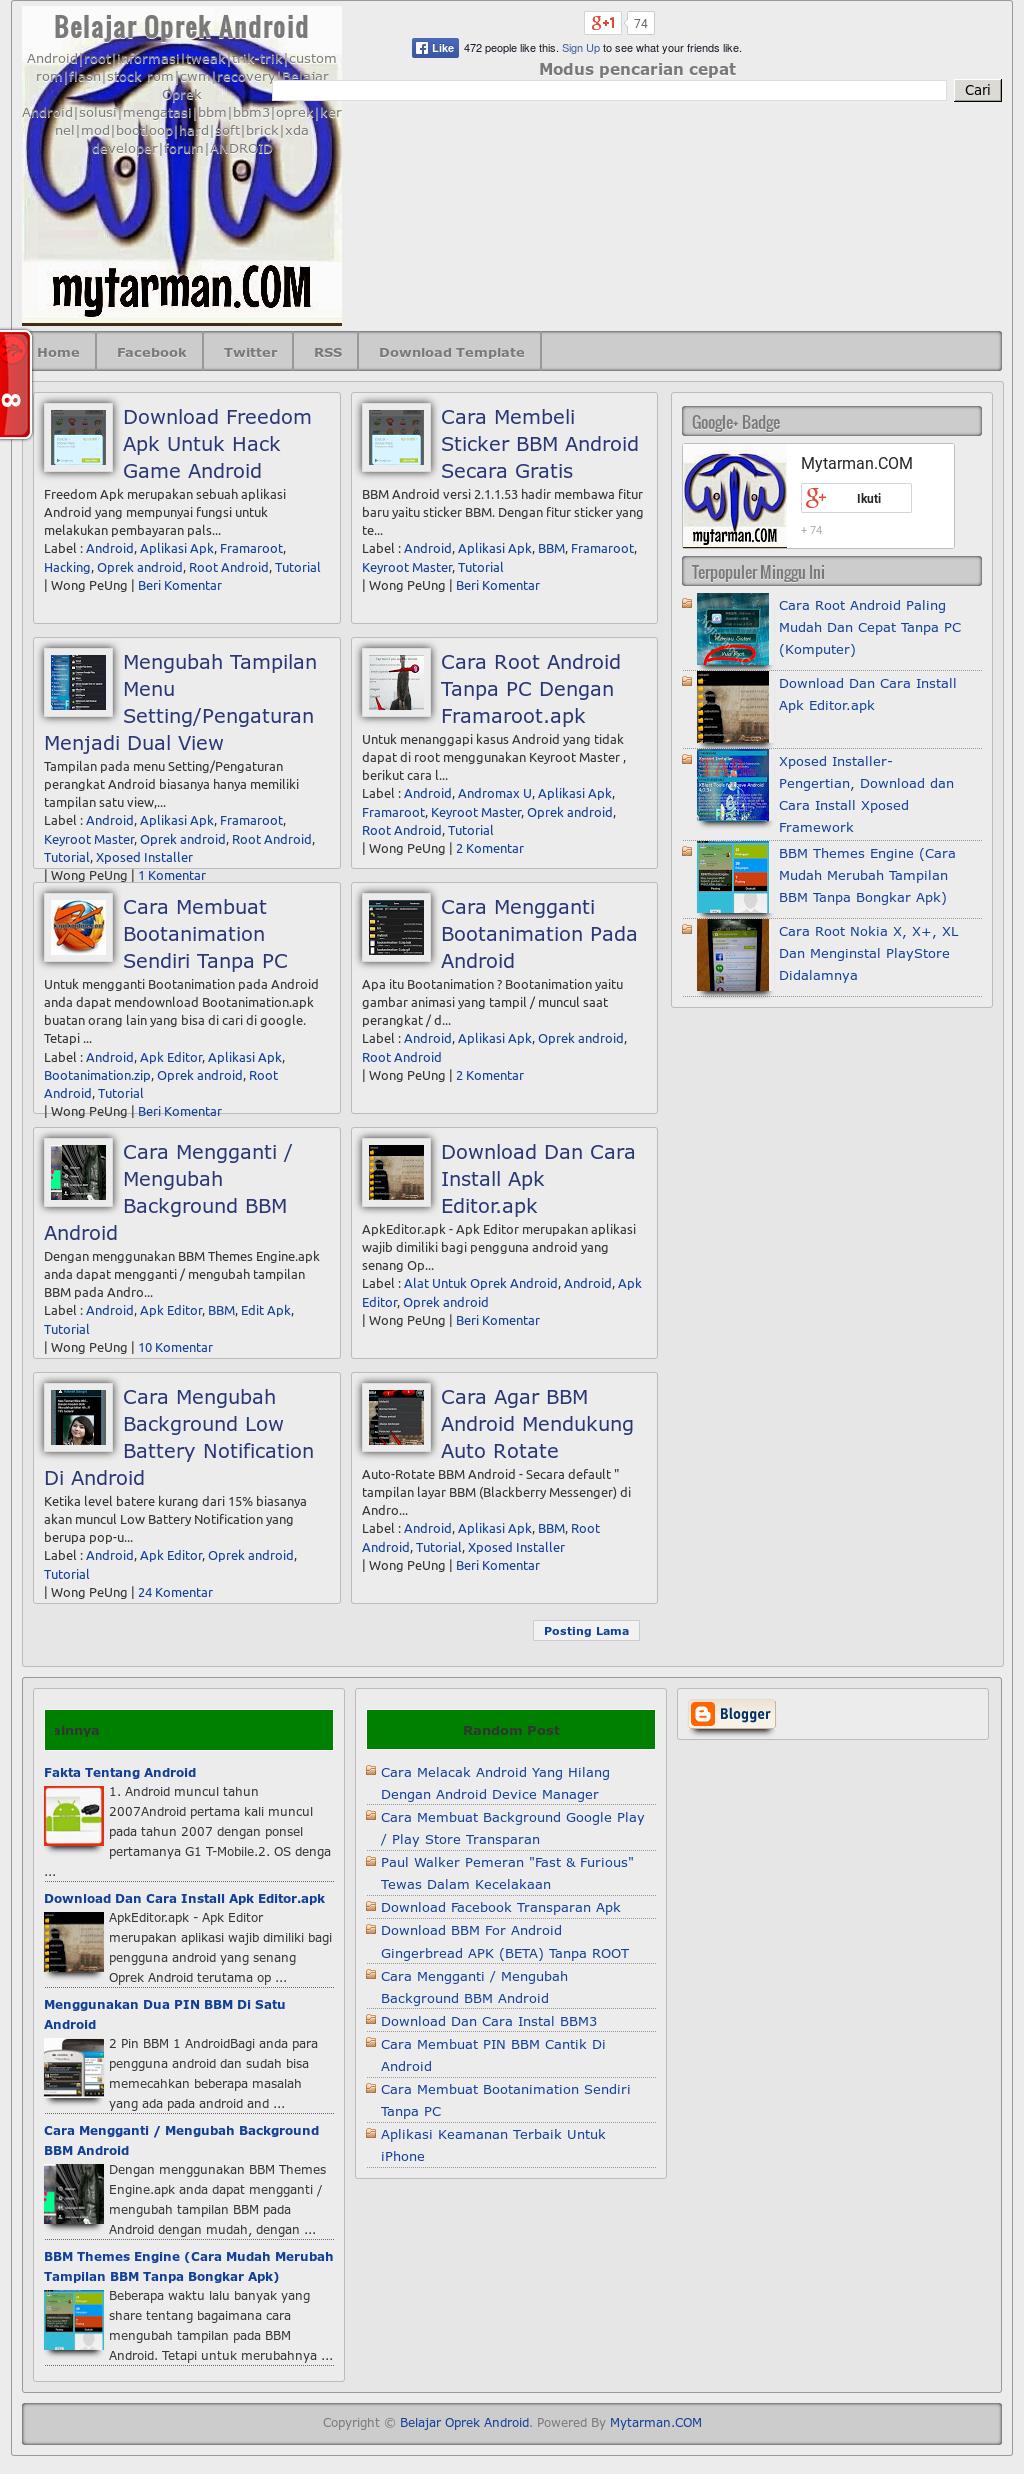 Warung Online Mytarman Dot Com/net Competitors, Revenue and